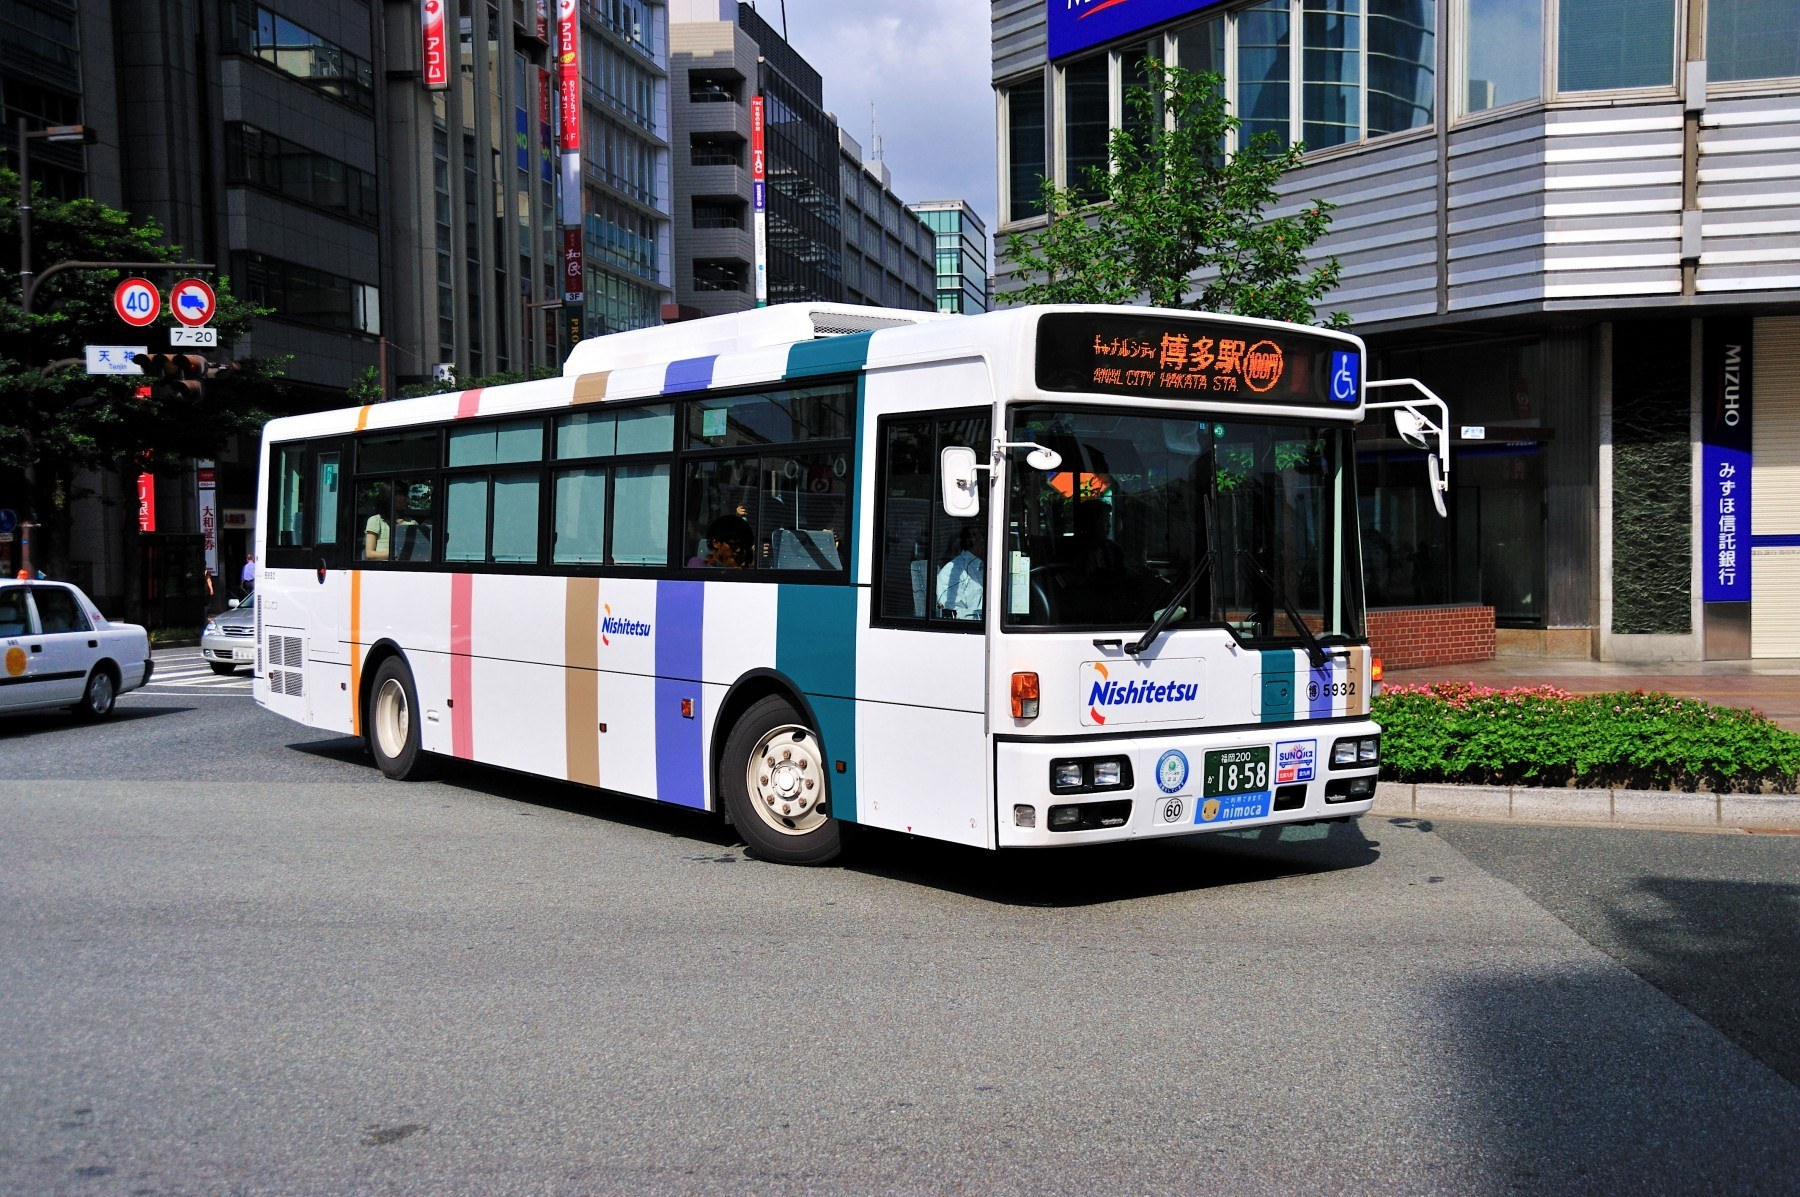 후쿠오카 도심 100엔 버스(2009)의 이미지